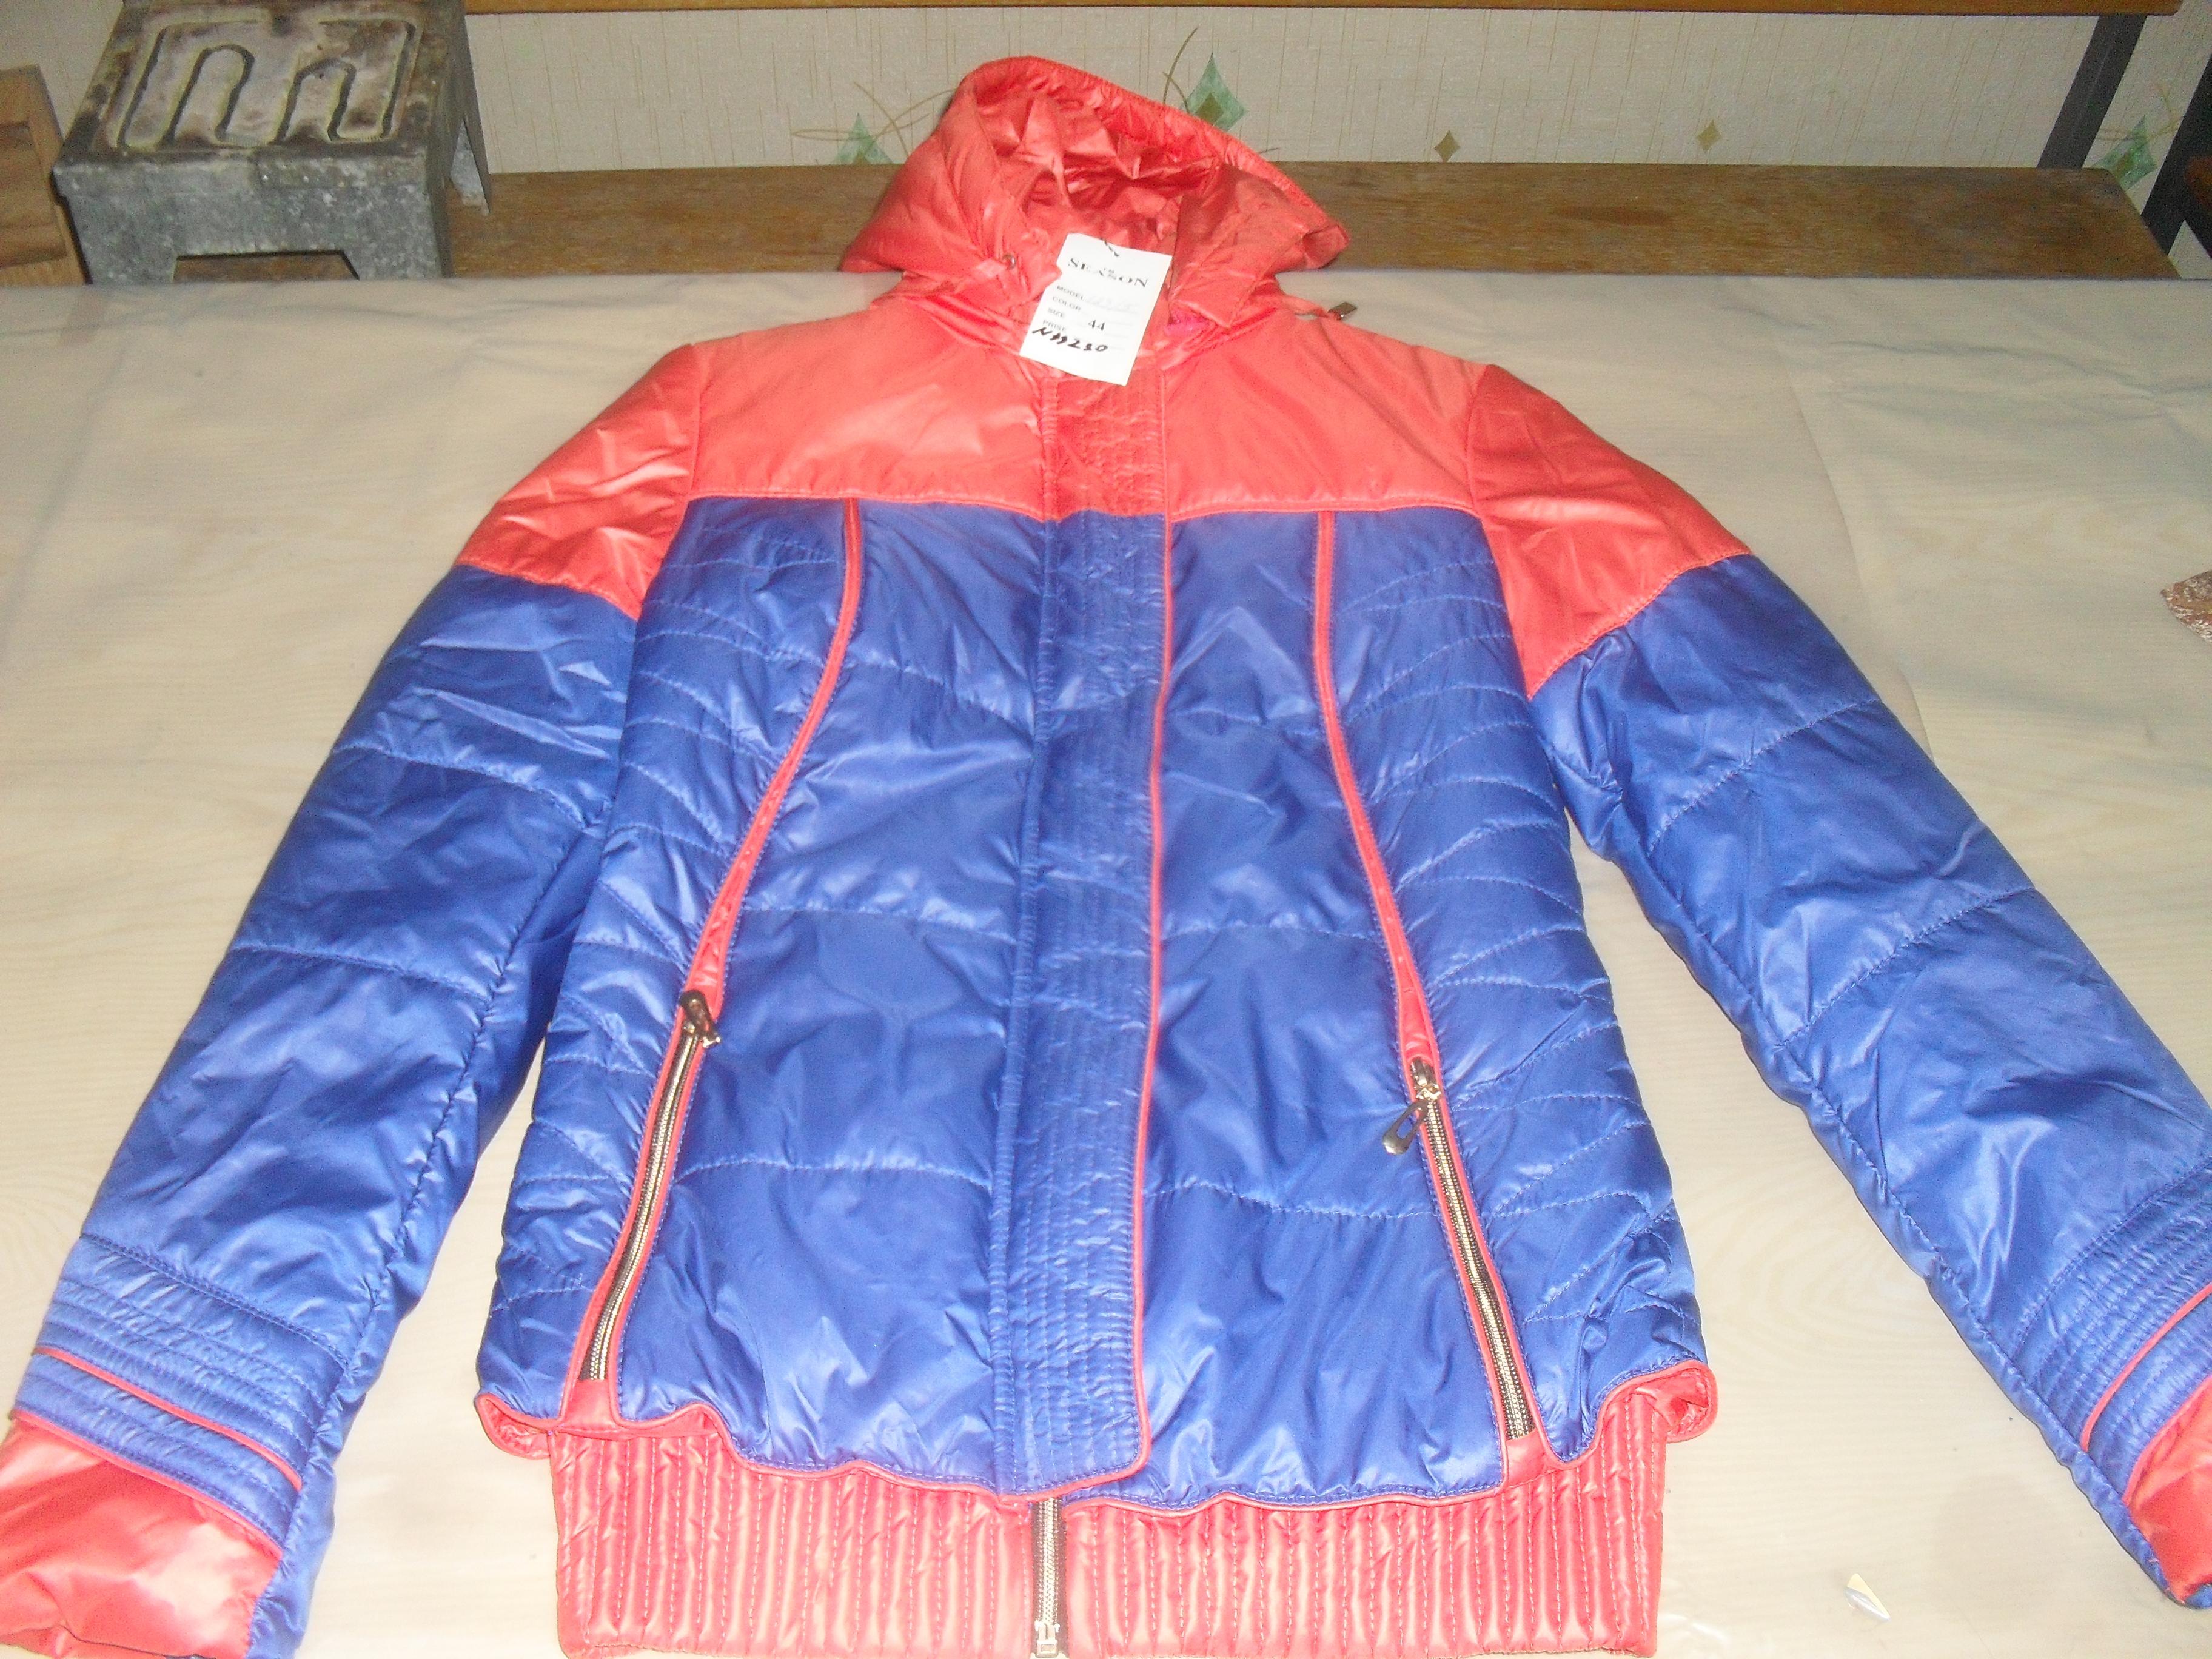 Жіночі куртки в асортименті, 11 шт.